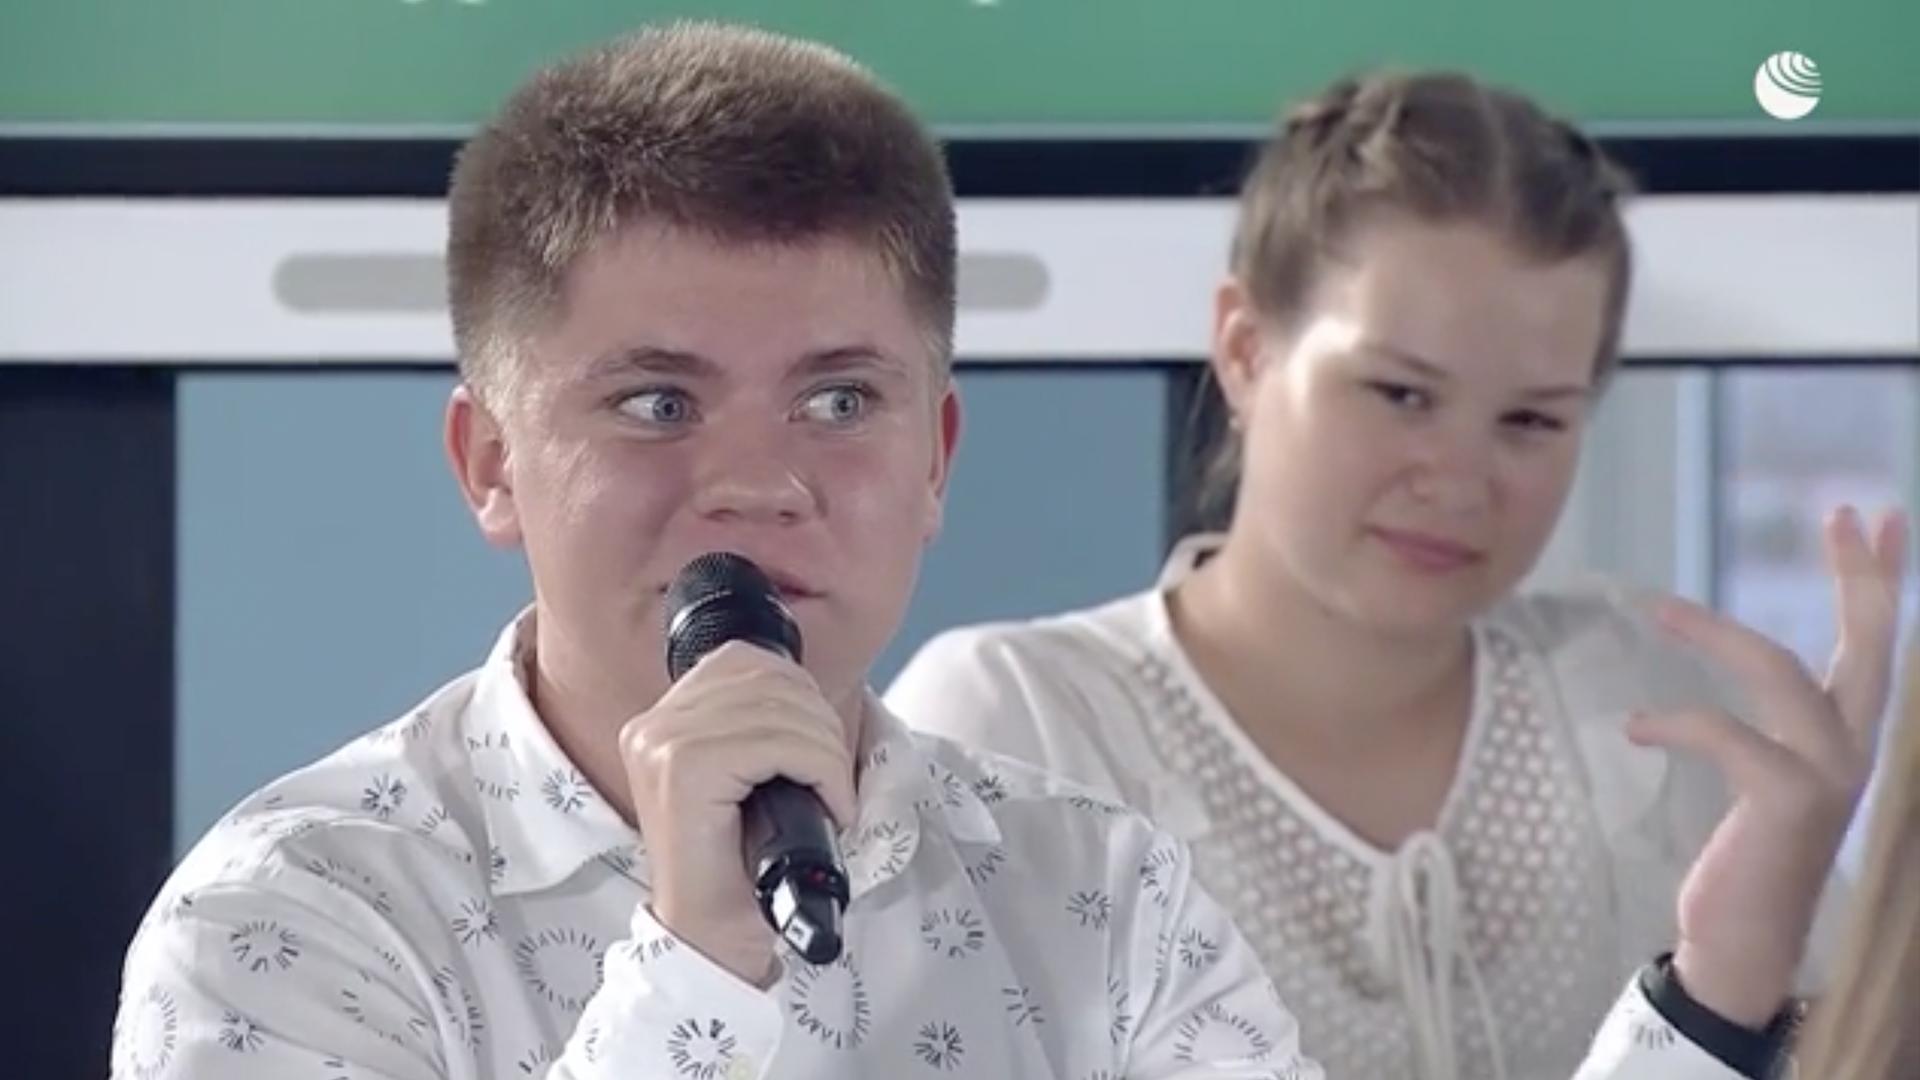 Nem értékelte az iskolaigazgató, hogy a diákja kijavította Putyint